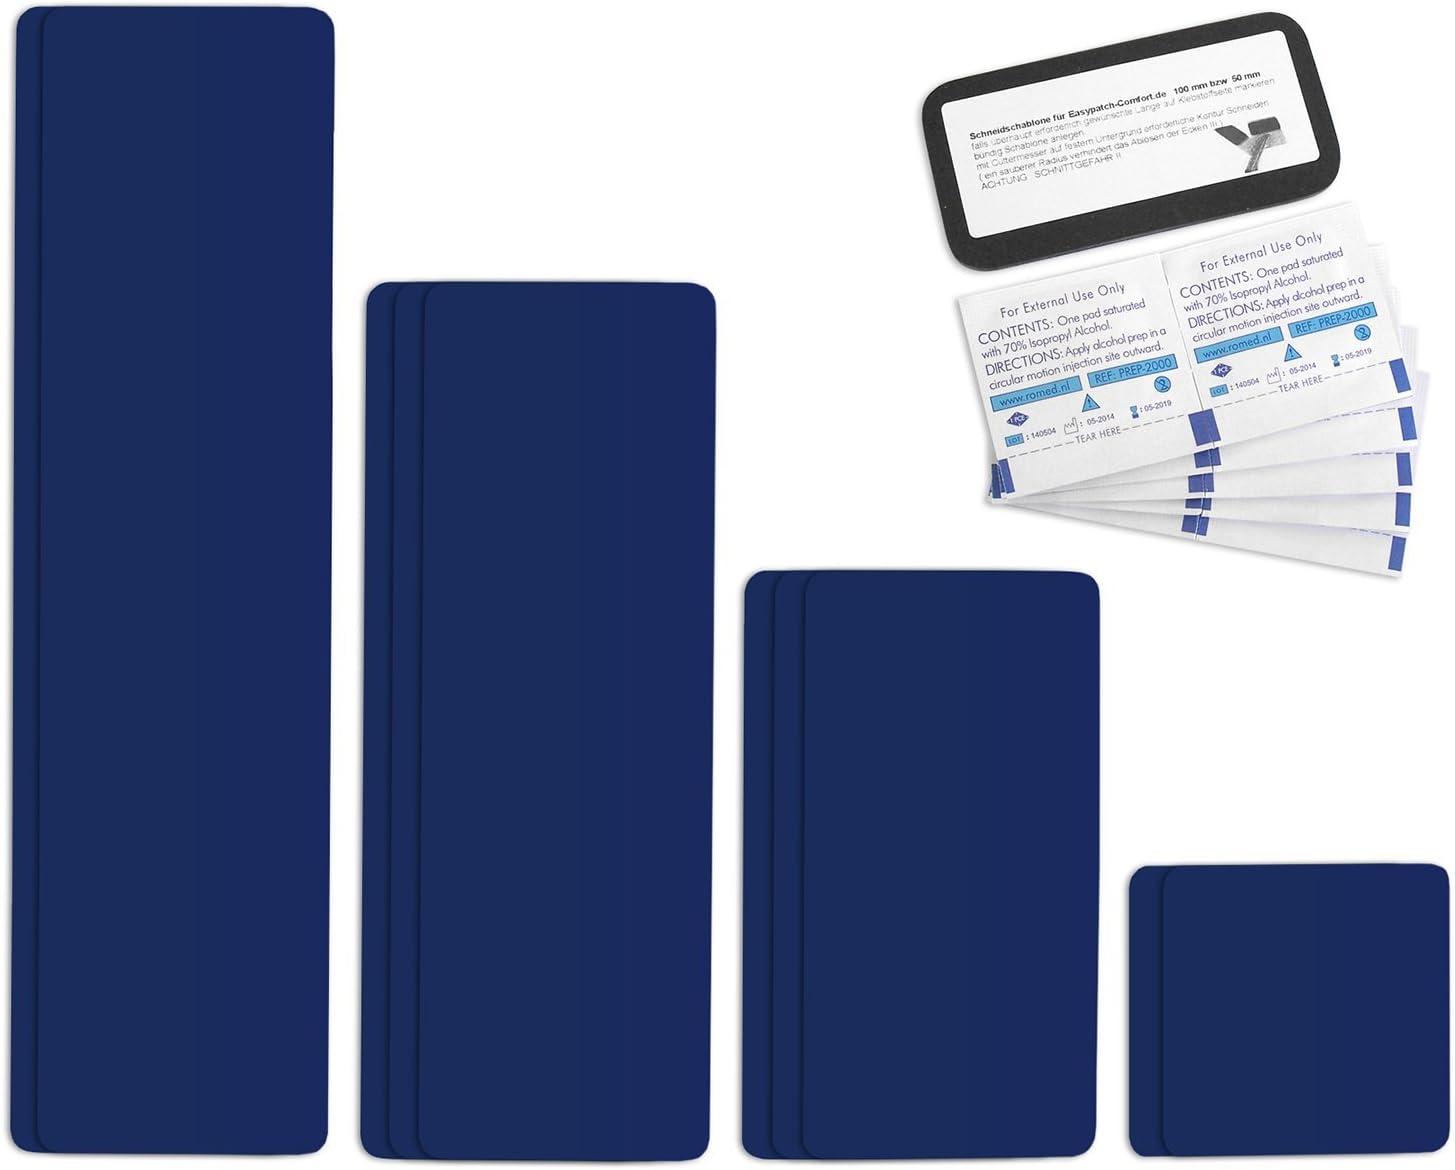 Selbstklebende Planenreparatur Tapes 10 Teilig Easy Patch Comfort 100mm Für Zelte Planen Uvm Saphirblau Ral 5003 Auto